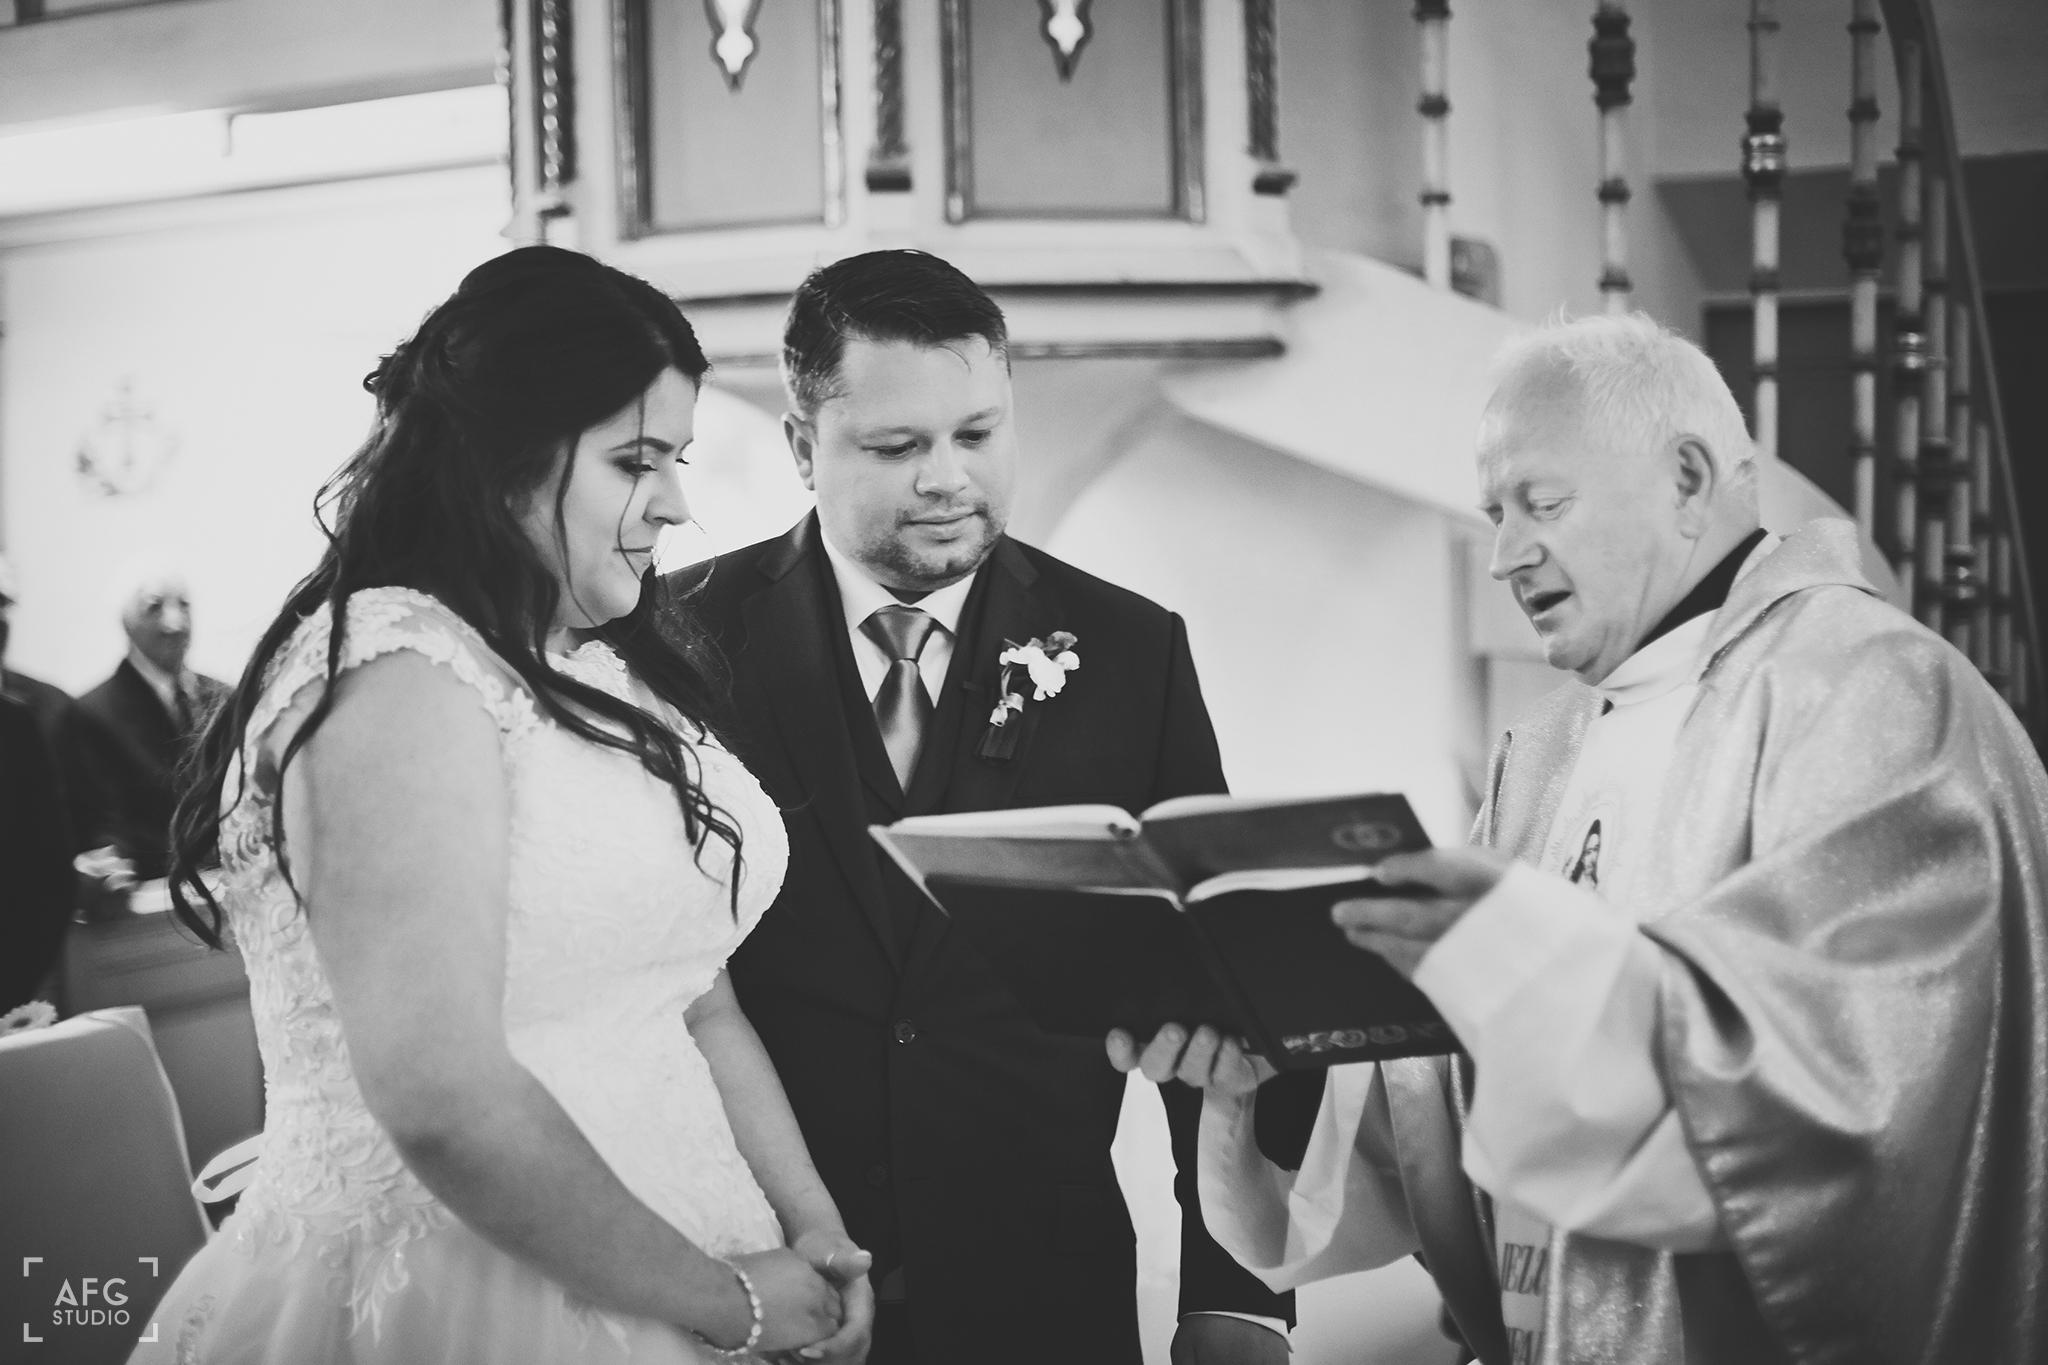 przysięga małżeńska, ksiądz, księga